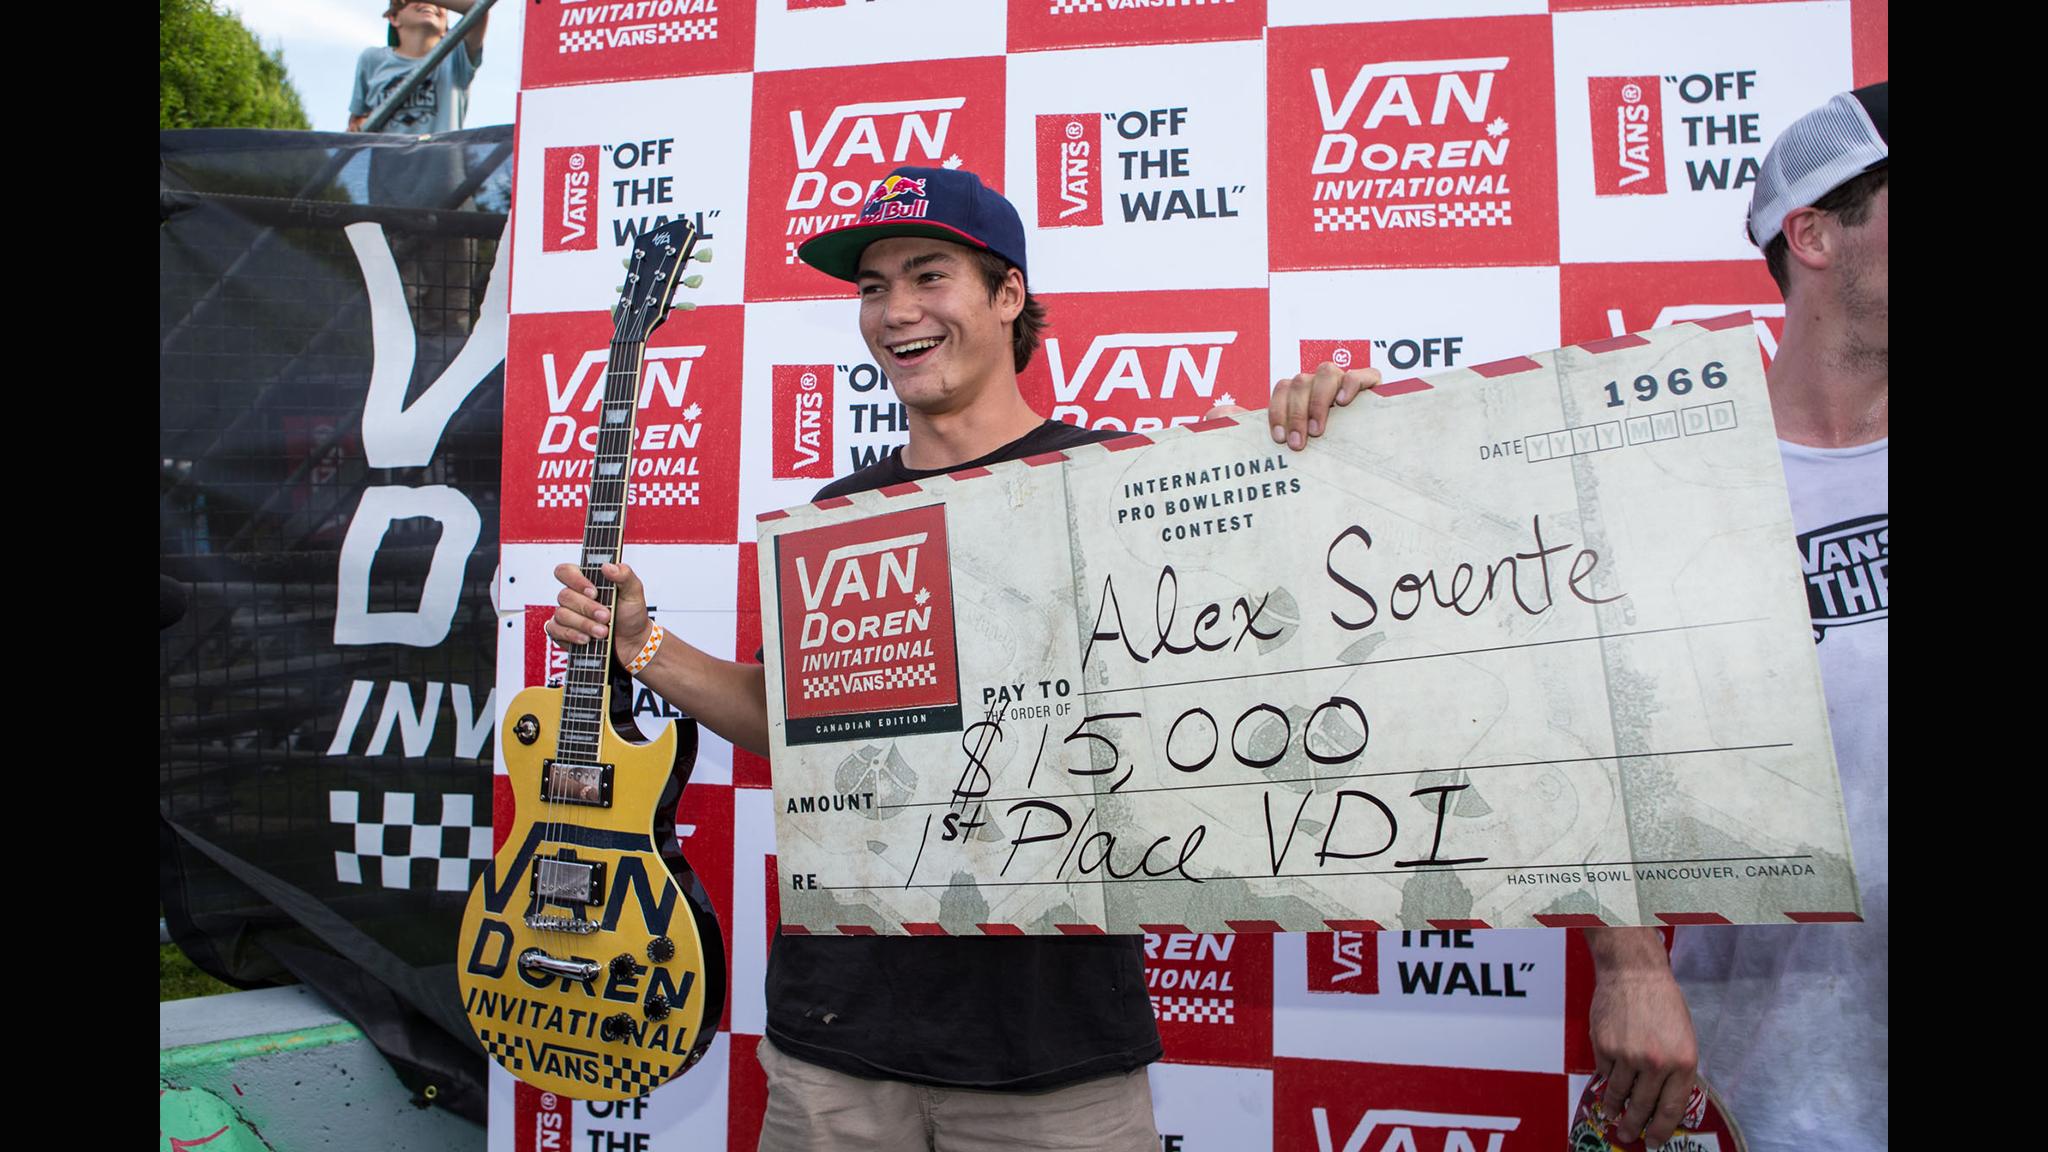 Alex Sorgente